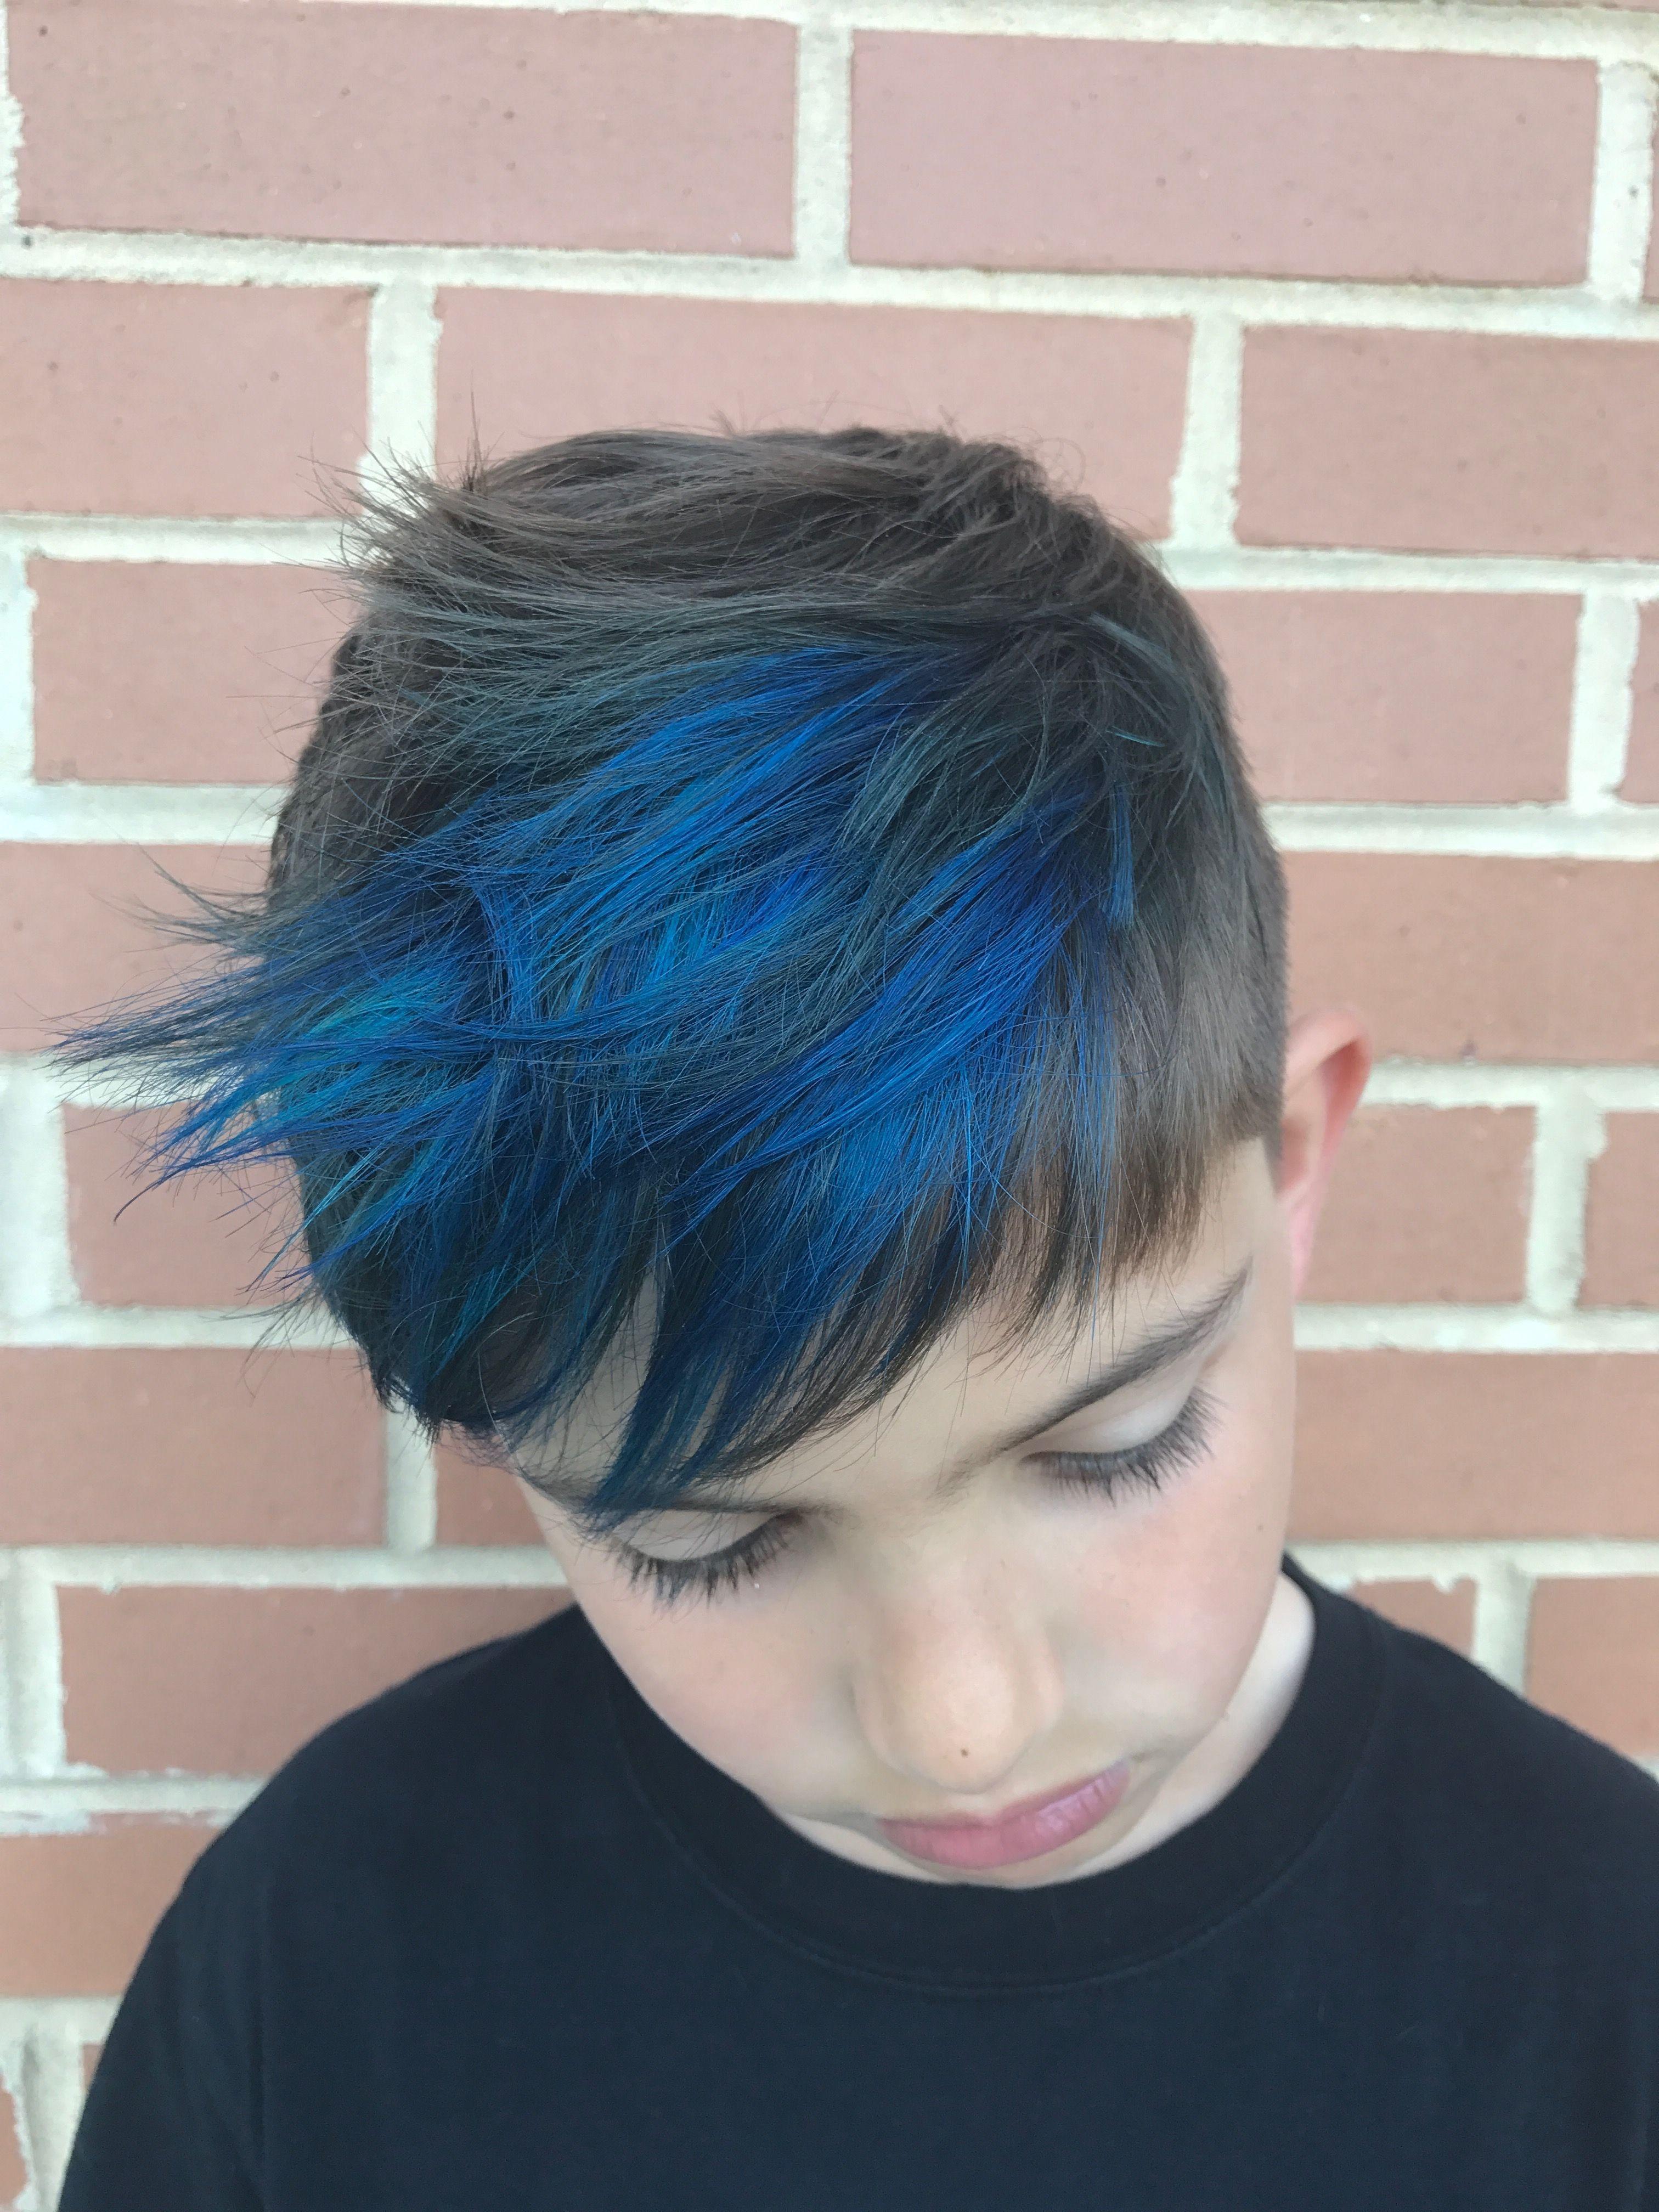 Blue Hair Dye On Boys